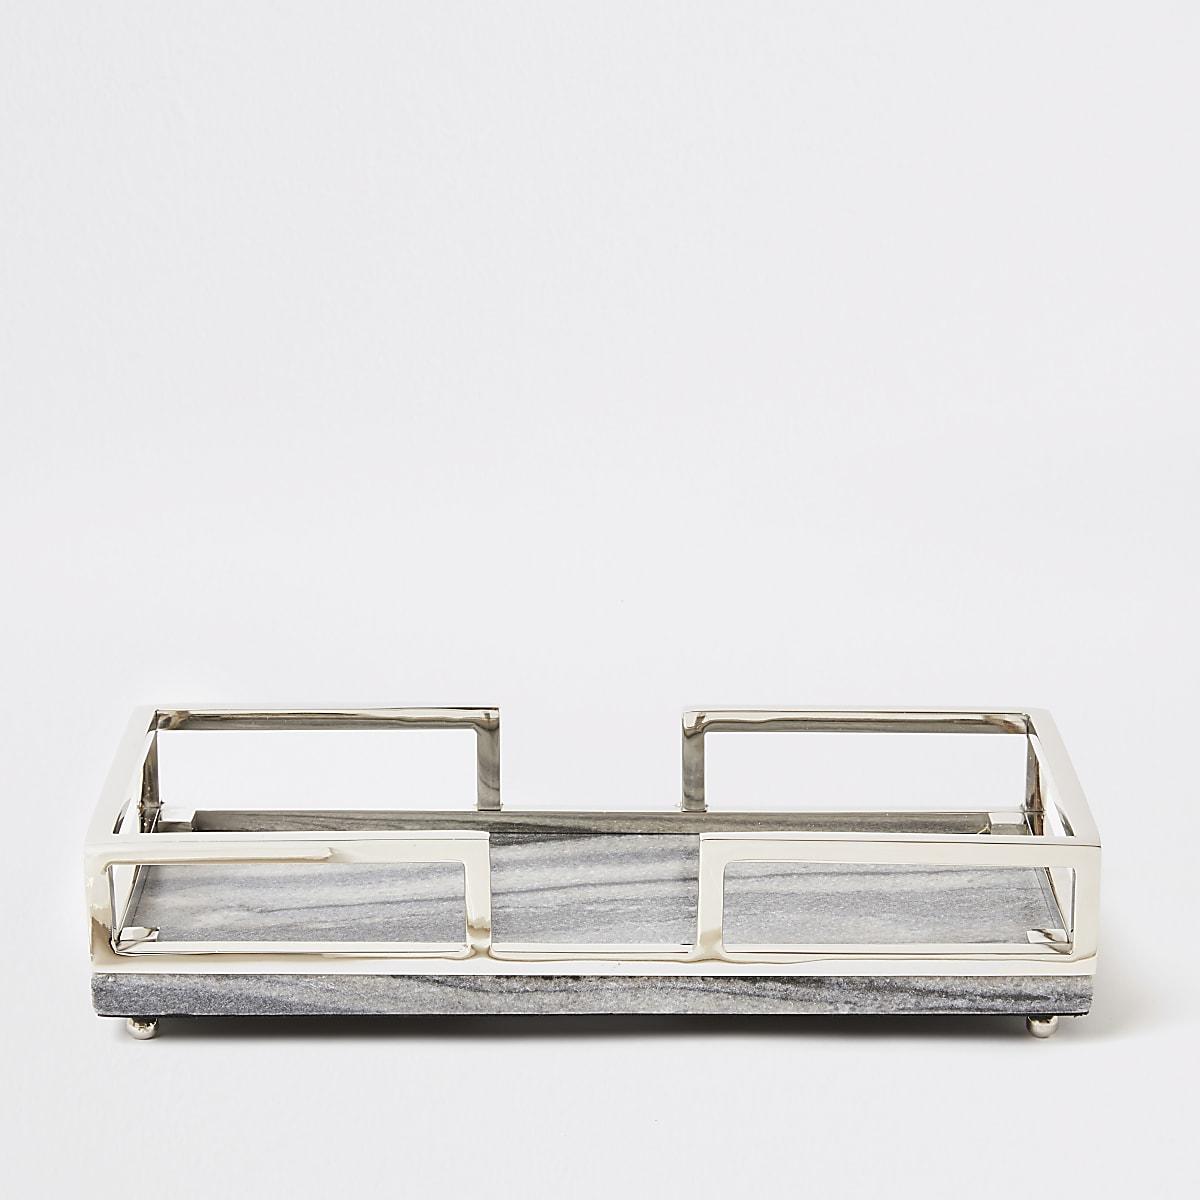 Grijs marmeren dienblad met goudmetalen handvatten